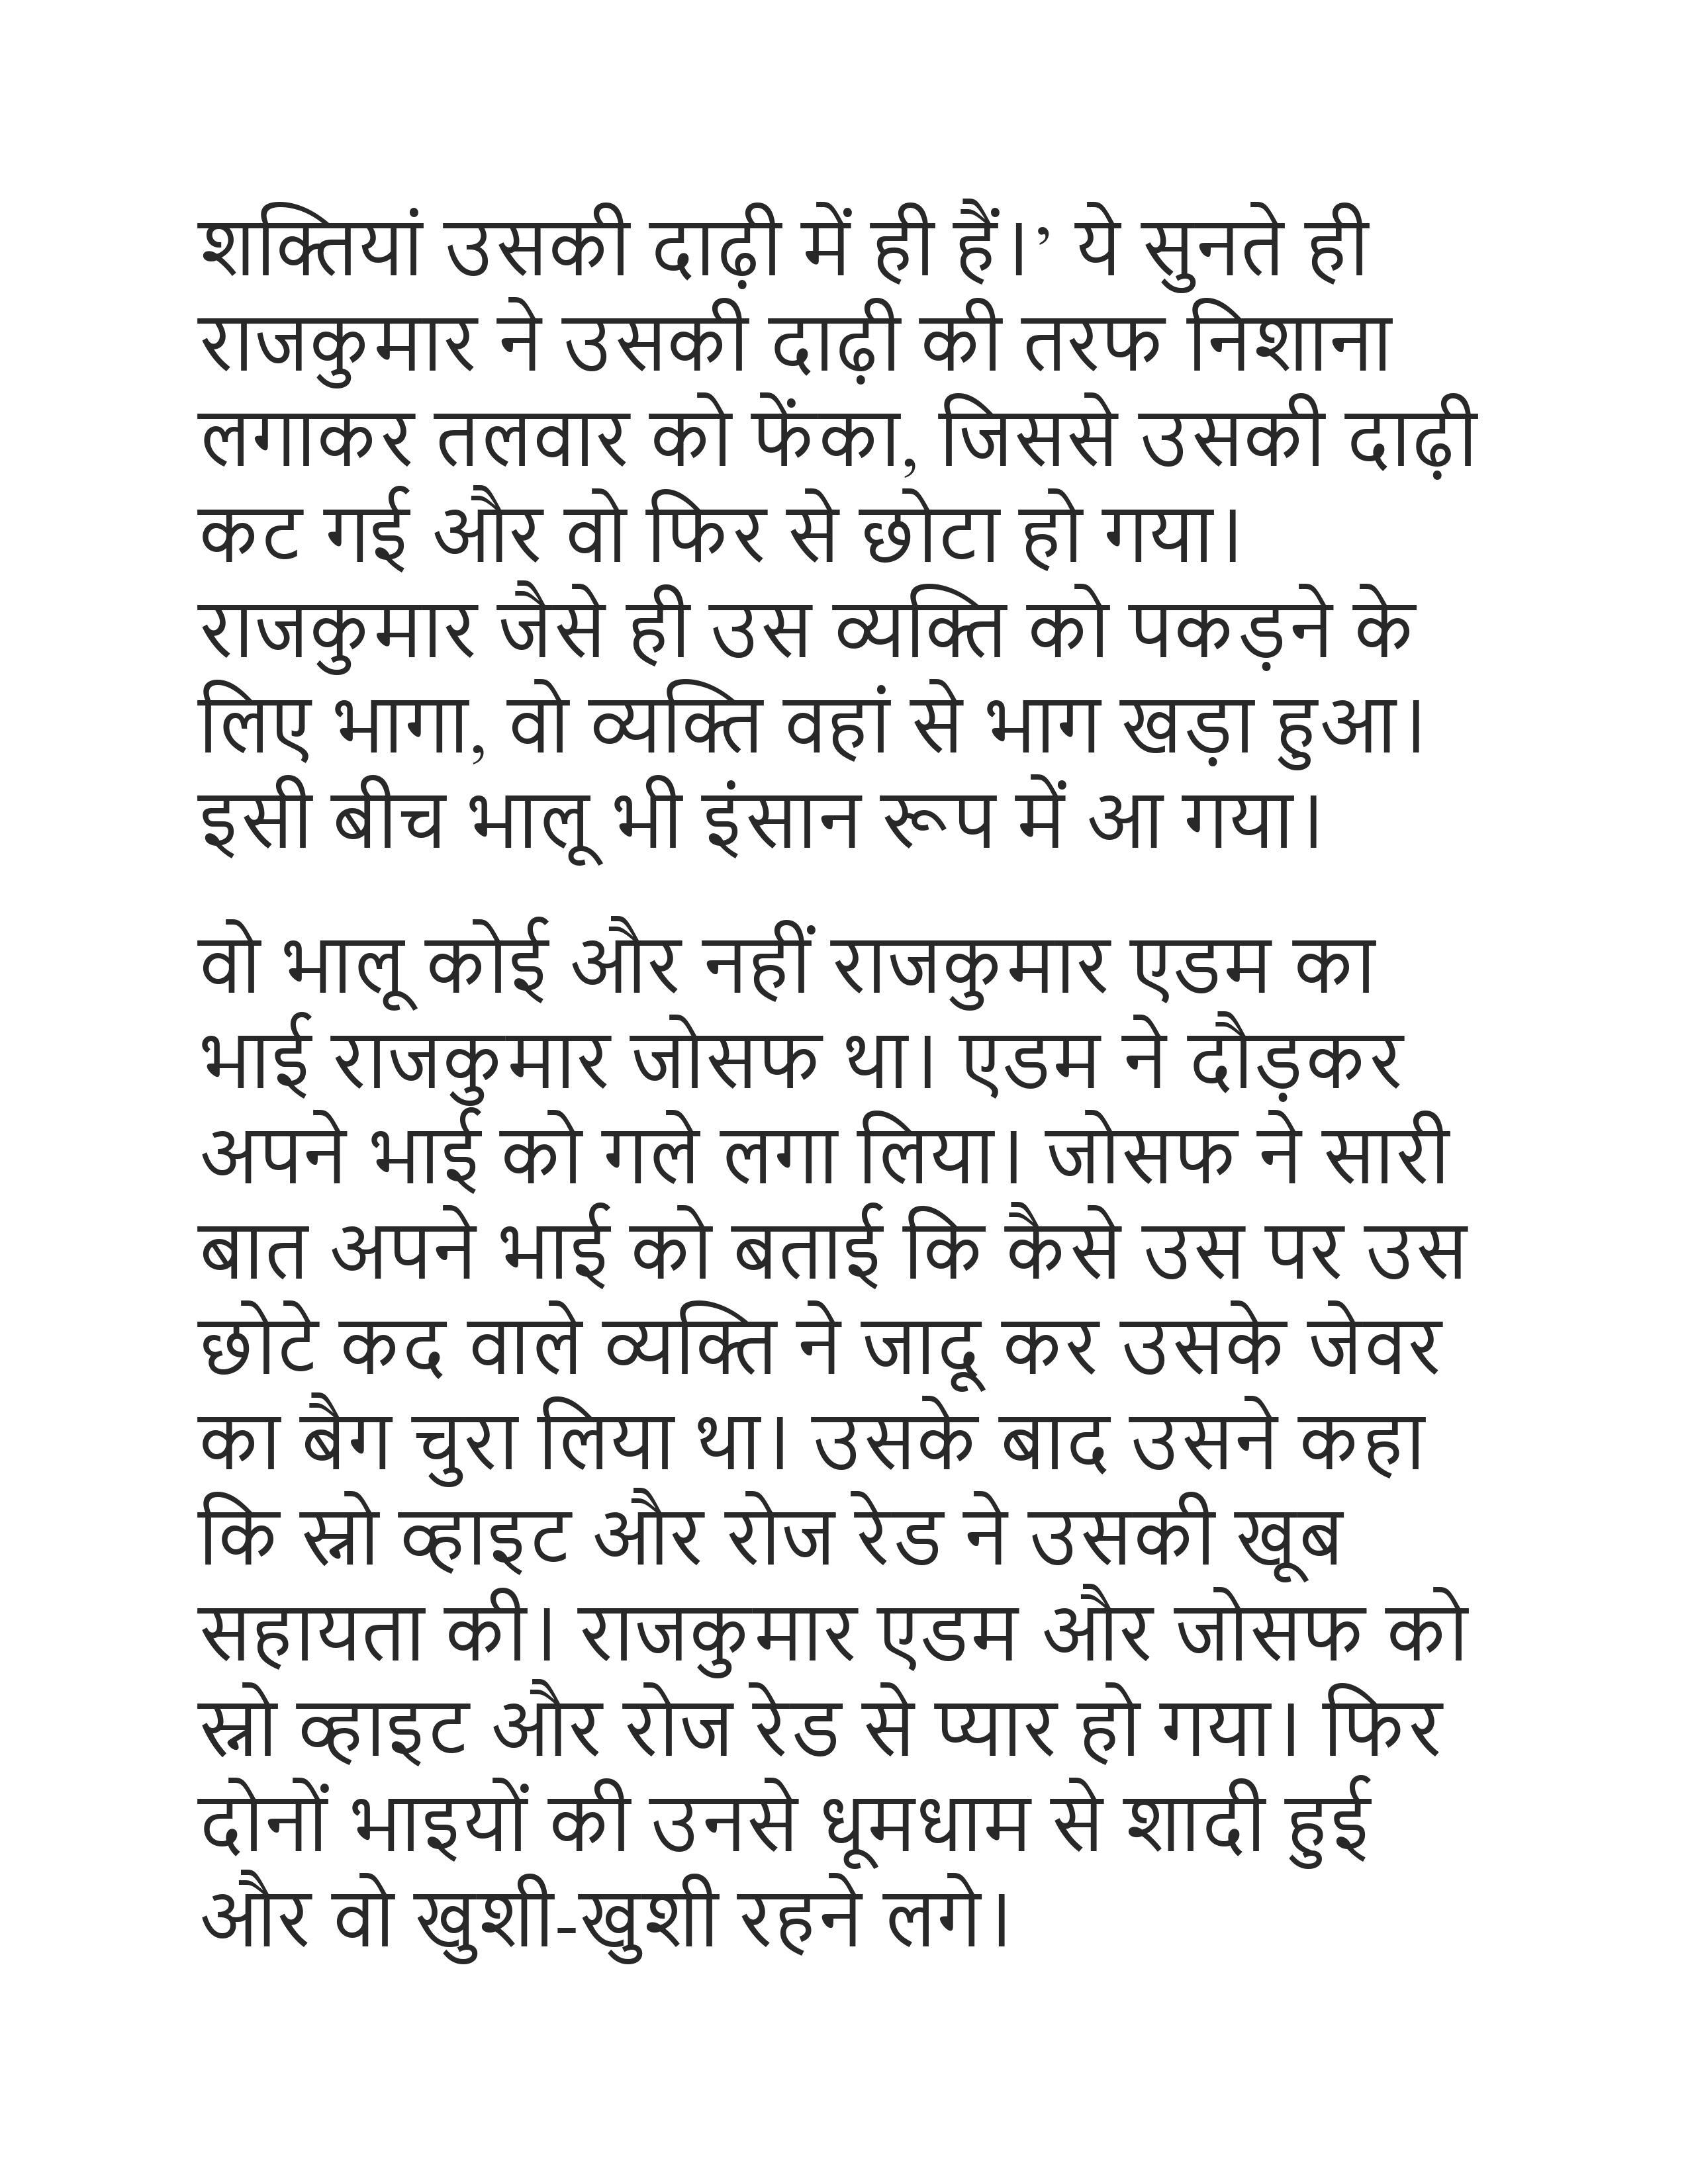 Fairy tales hindi pariyon ki kahaniya 8 1